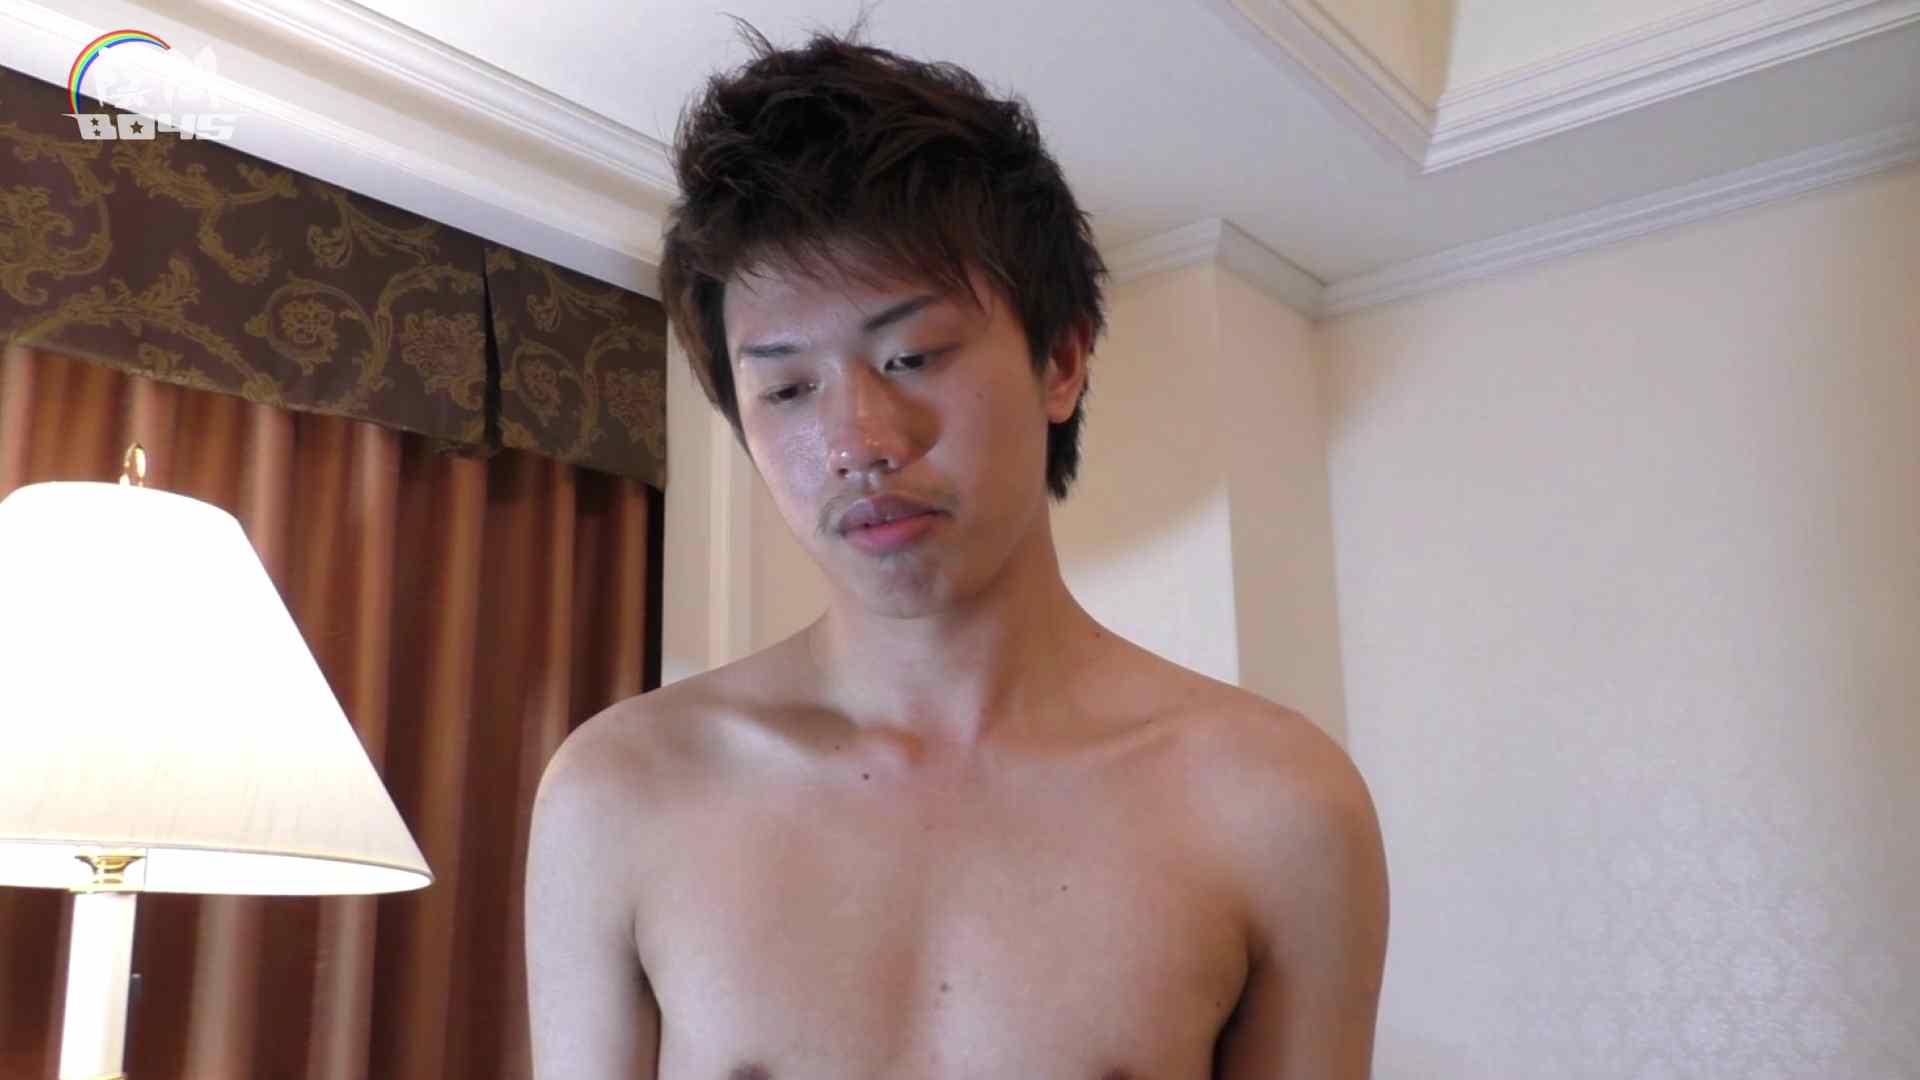 おいはカリデカ2!File.02 手コキ AV動画 60枚 56